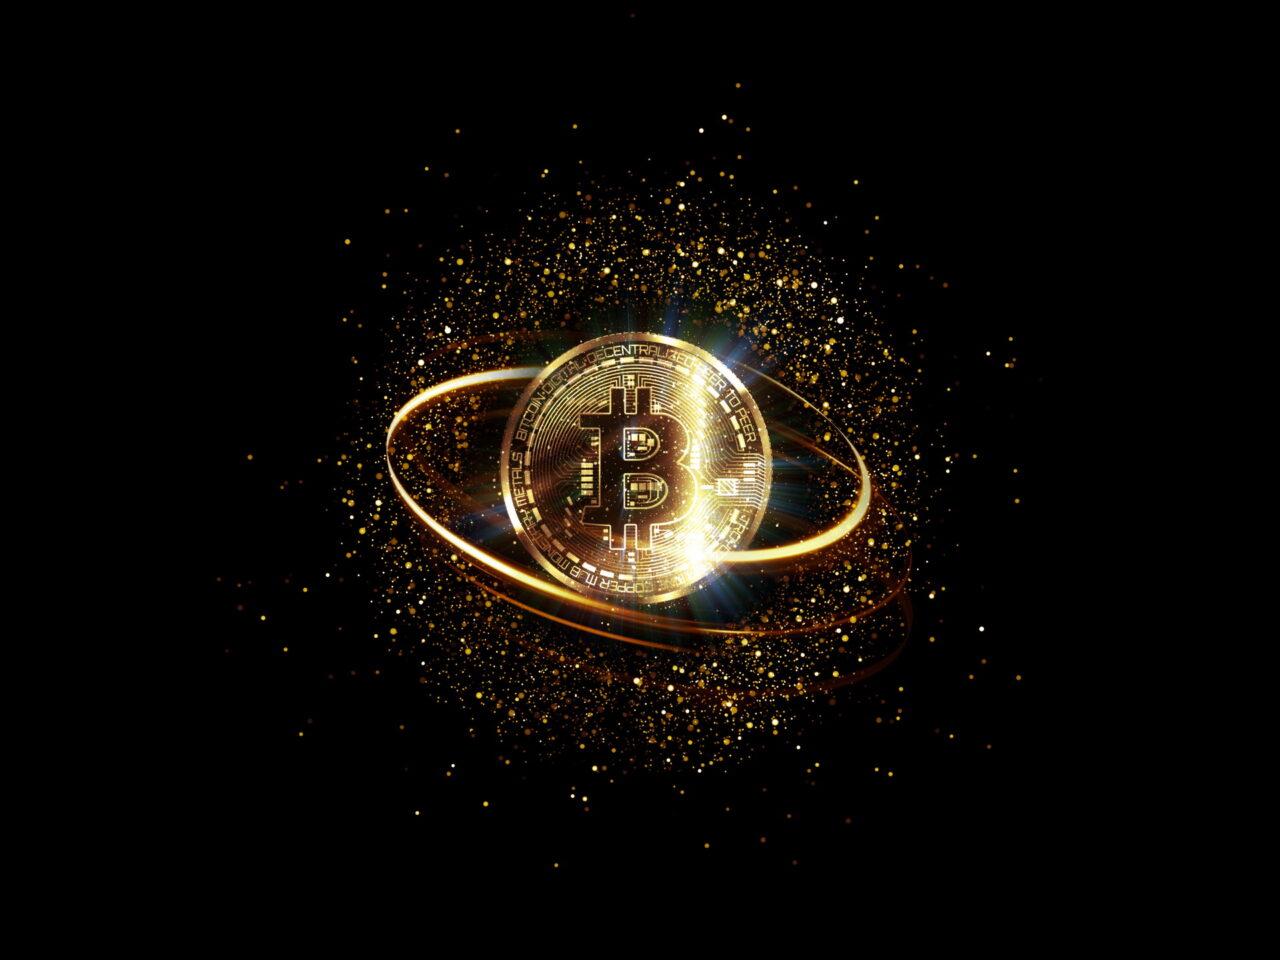 https://intelligent-investors.de/wp-content/uploads/2021/02/Bitcoin_2-1280x960.jpg